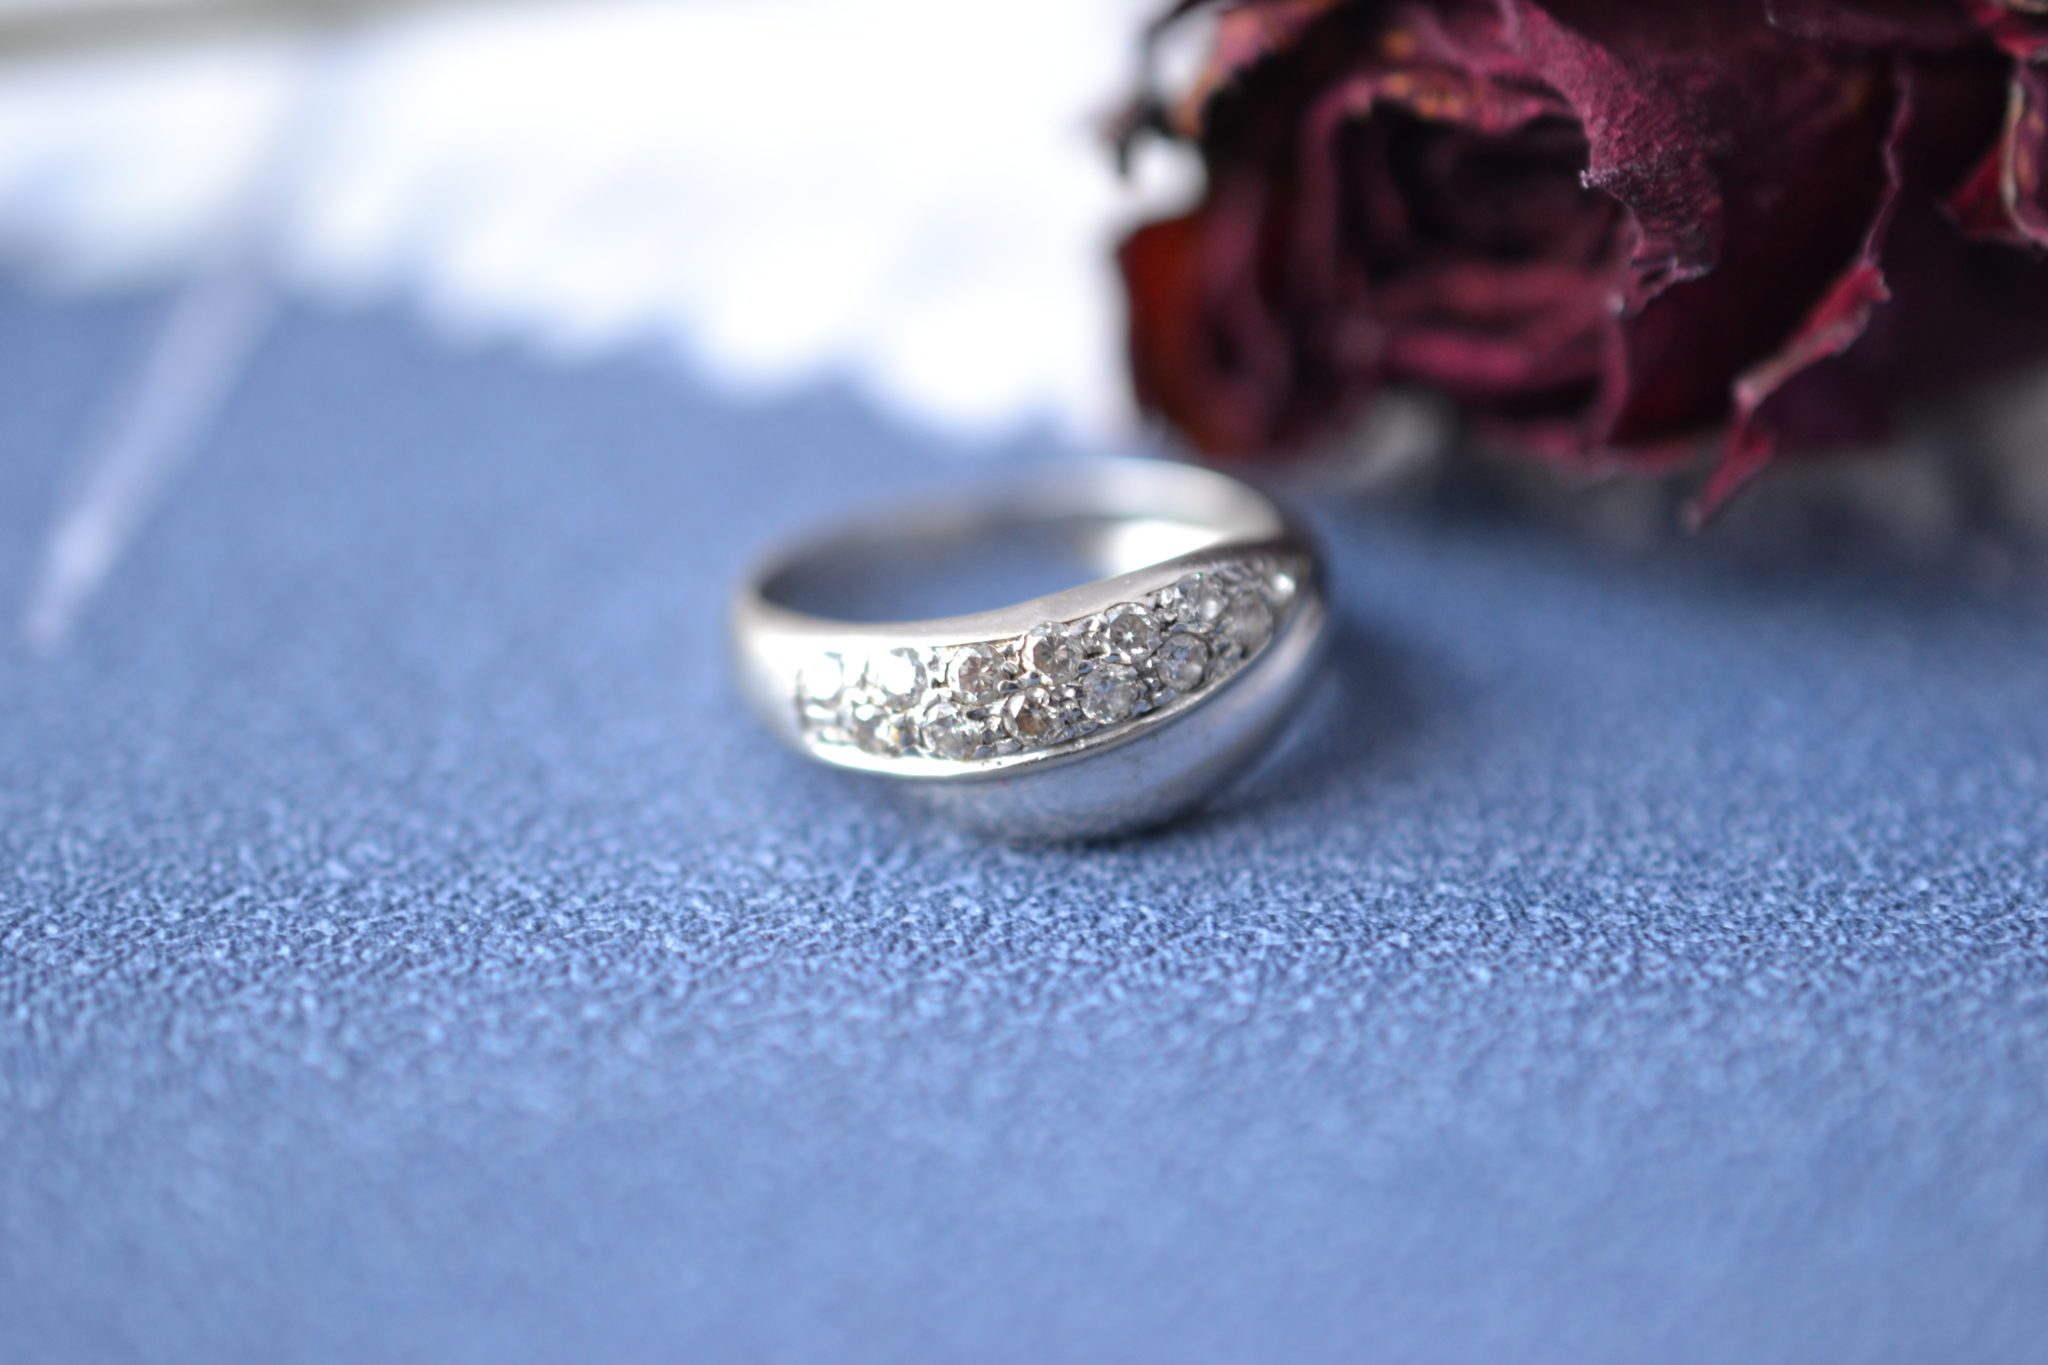 Bague lien croisé en Or rhodié sertie de diamants - bague rétro